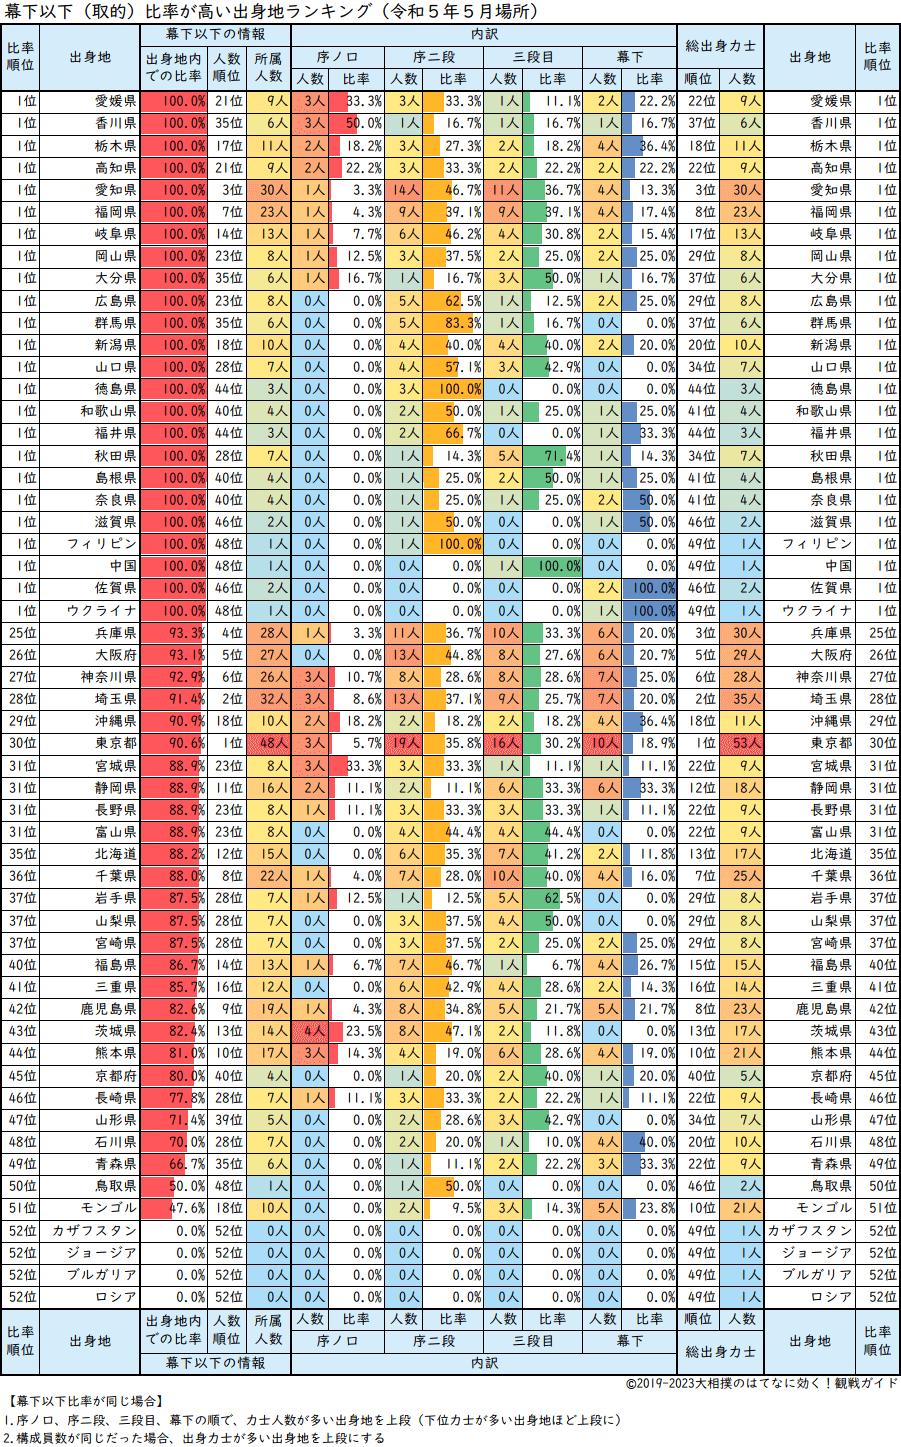 幕下以下比率が高い力士出身地順の一覧表